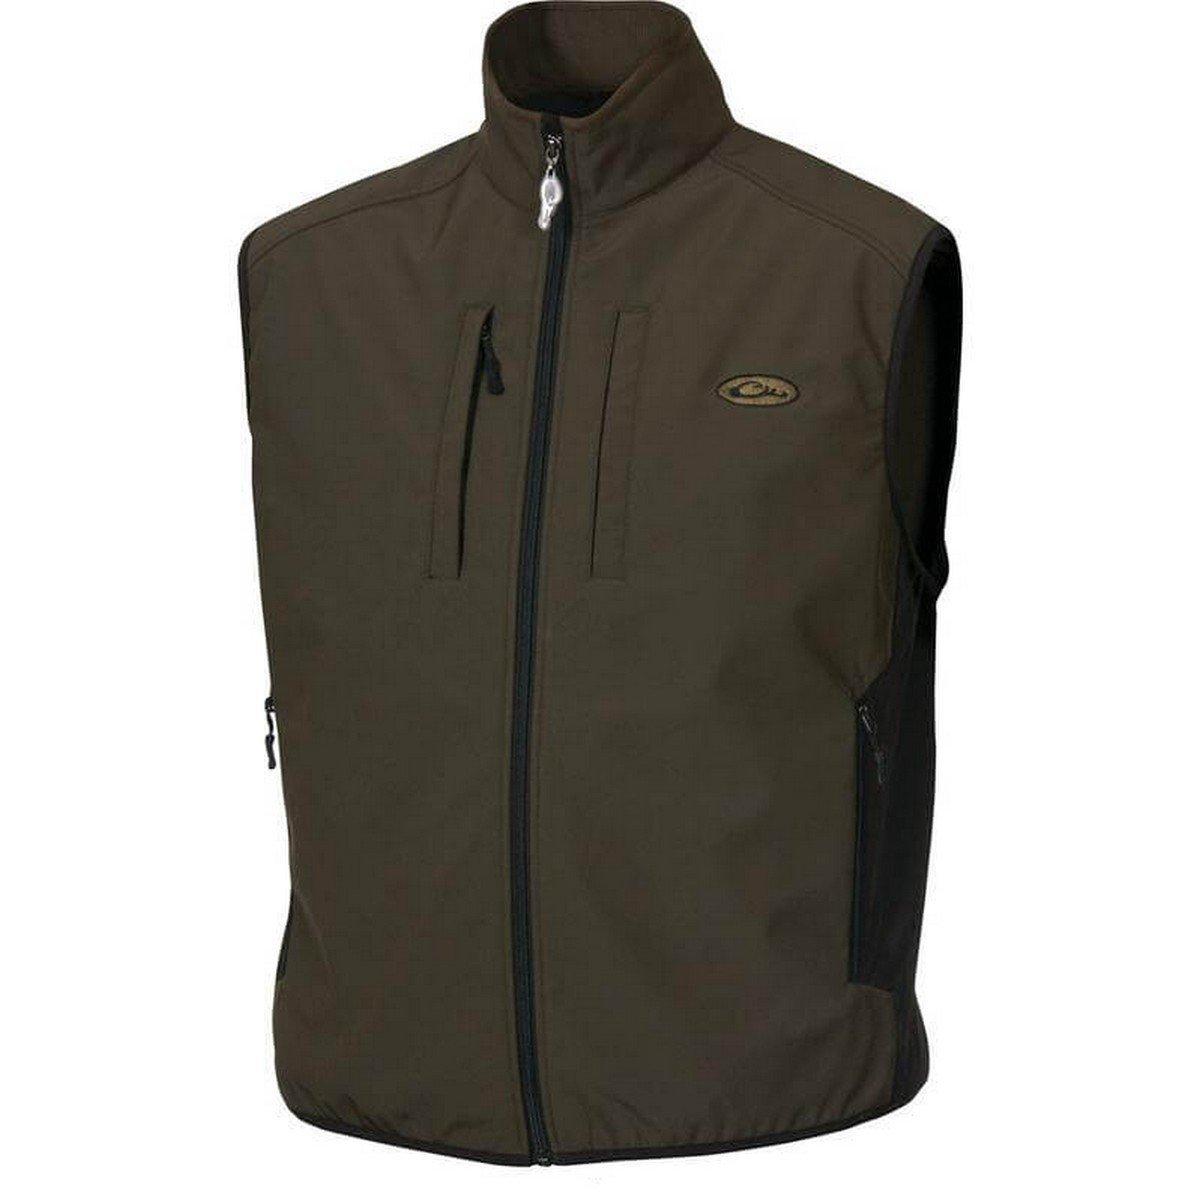 Drake Windproof Tech Vest, Color: Olive, Size: Medium (DW1602-OLV-2)